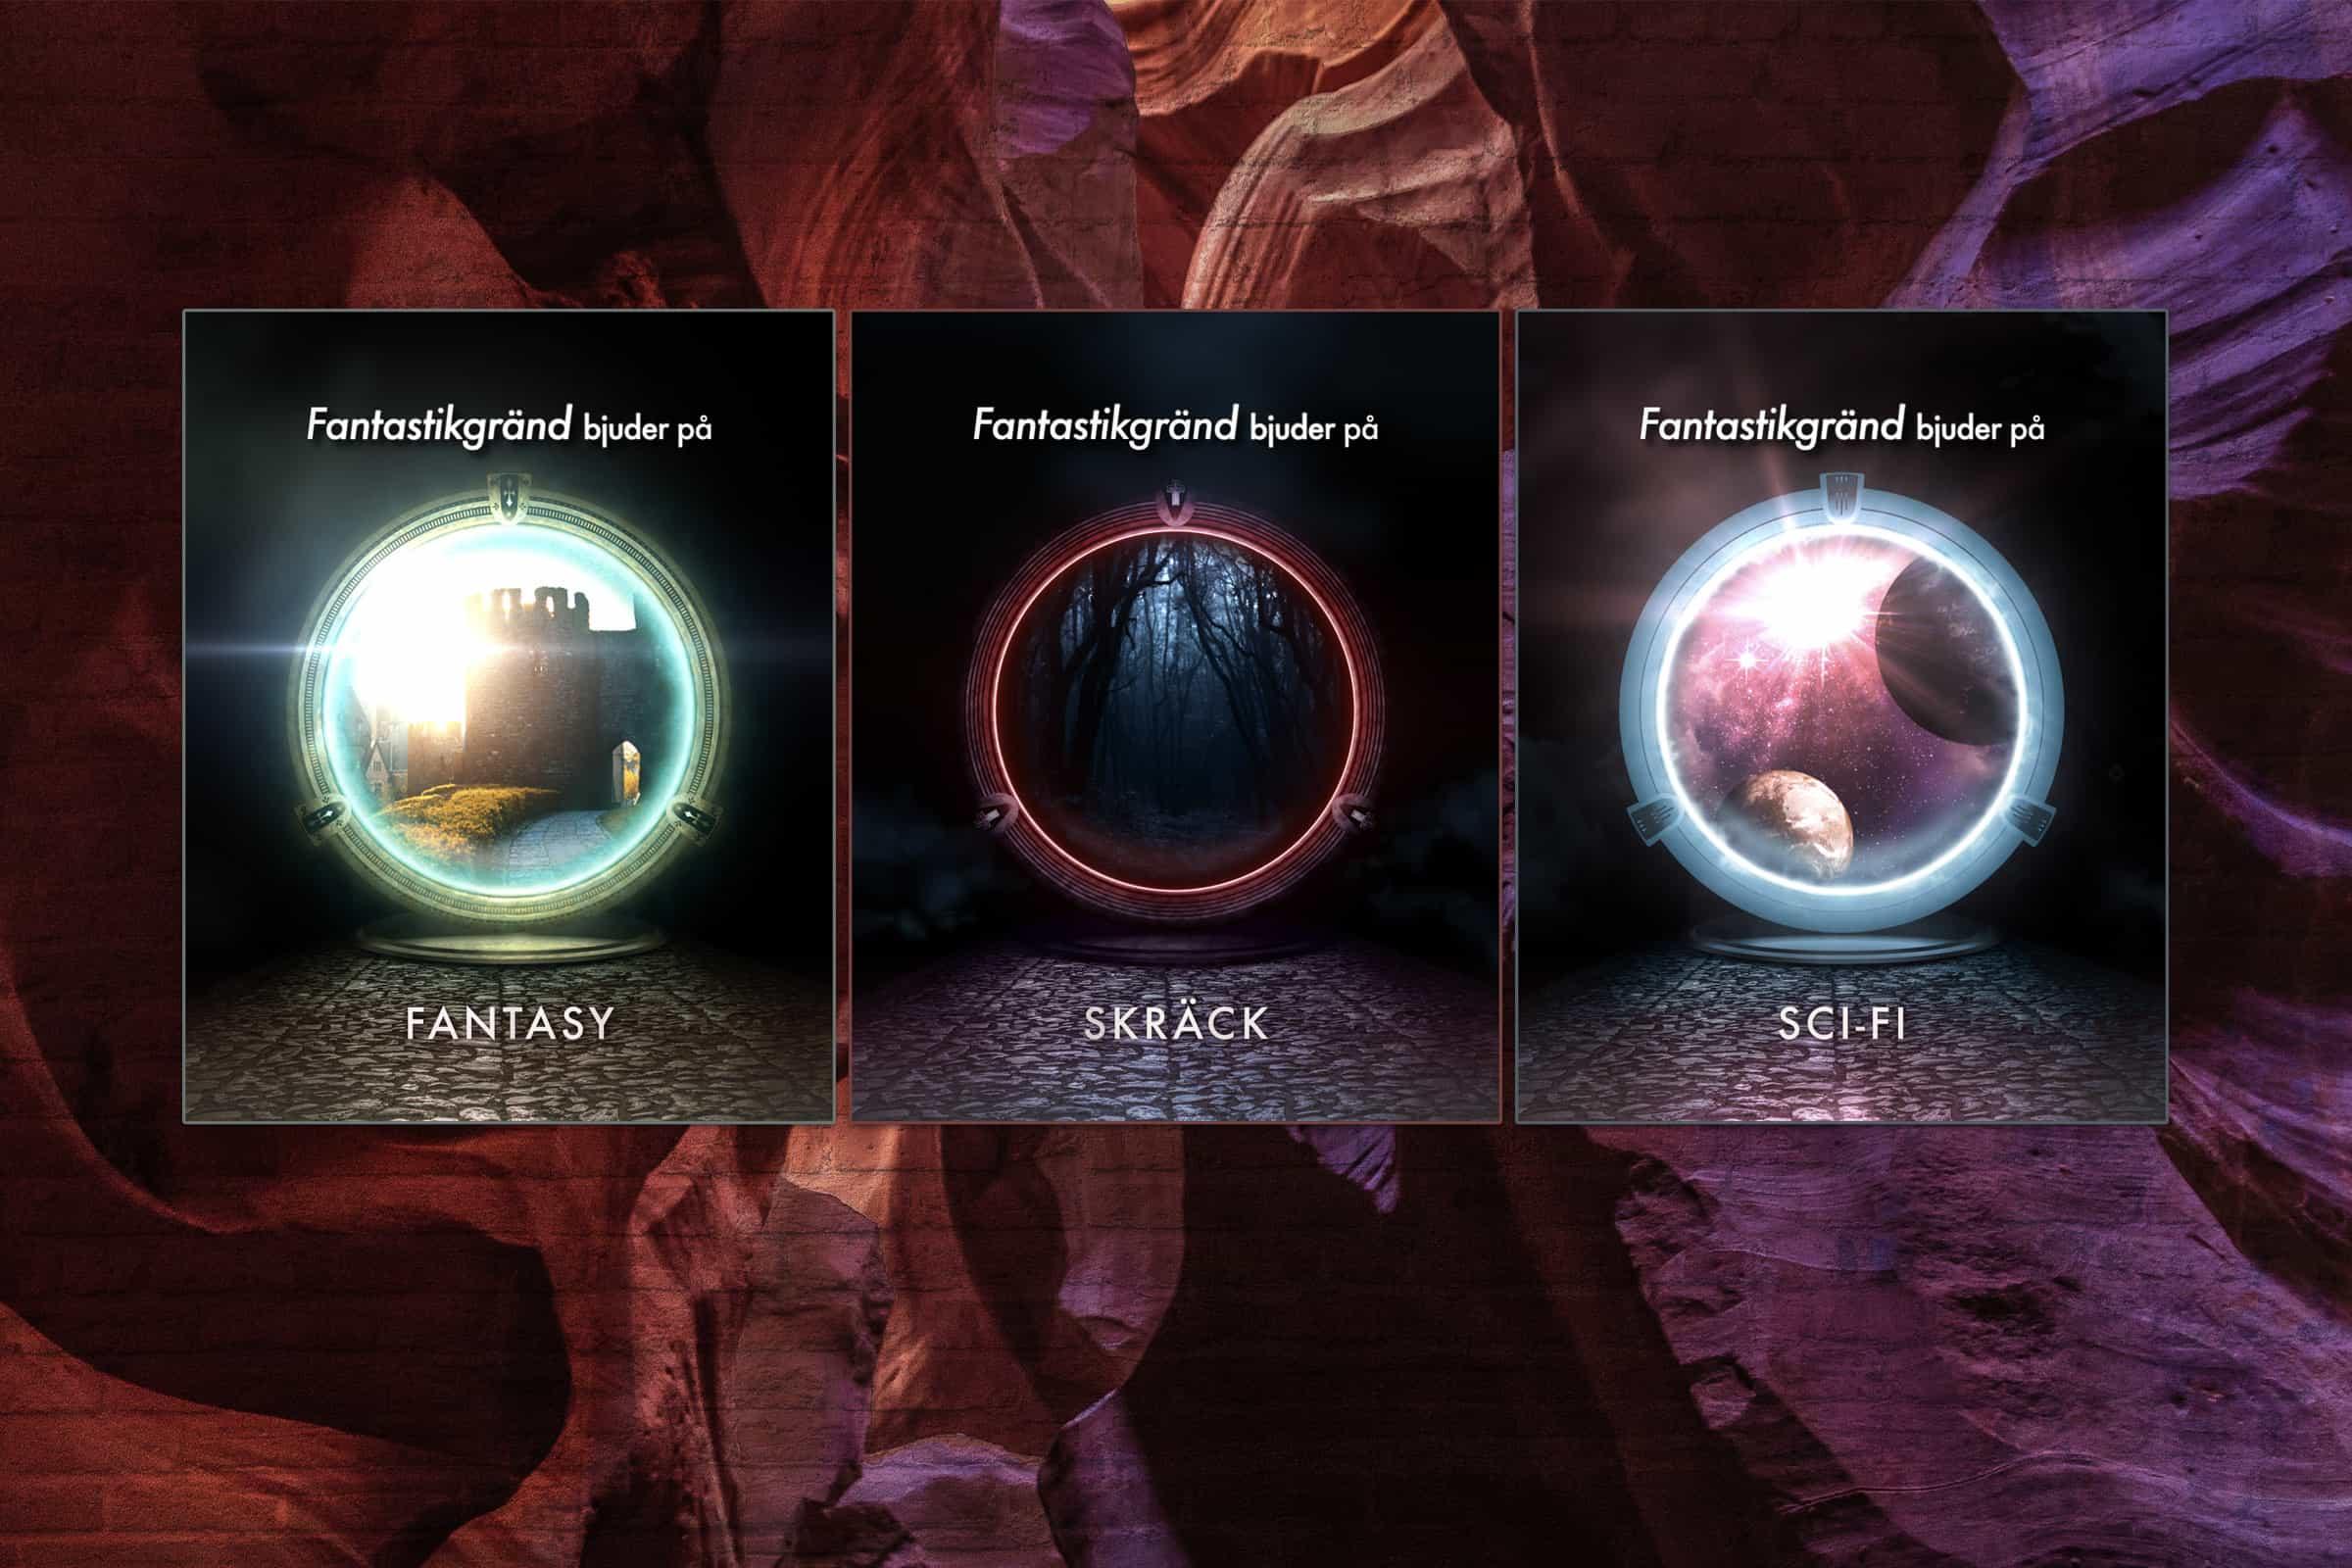 Skärmdumpar från boktrailer till Fantastikgränd 2020. Marknadsföring för en gratis e-bok som delades ut under Bokmässan i Göteborg. Tre bilder föreställande en futuristisk portal visas mot en färgglad bakgrund.